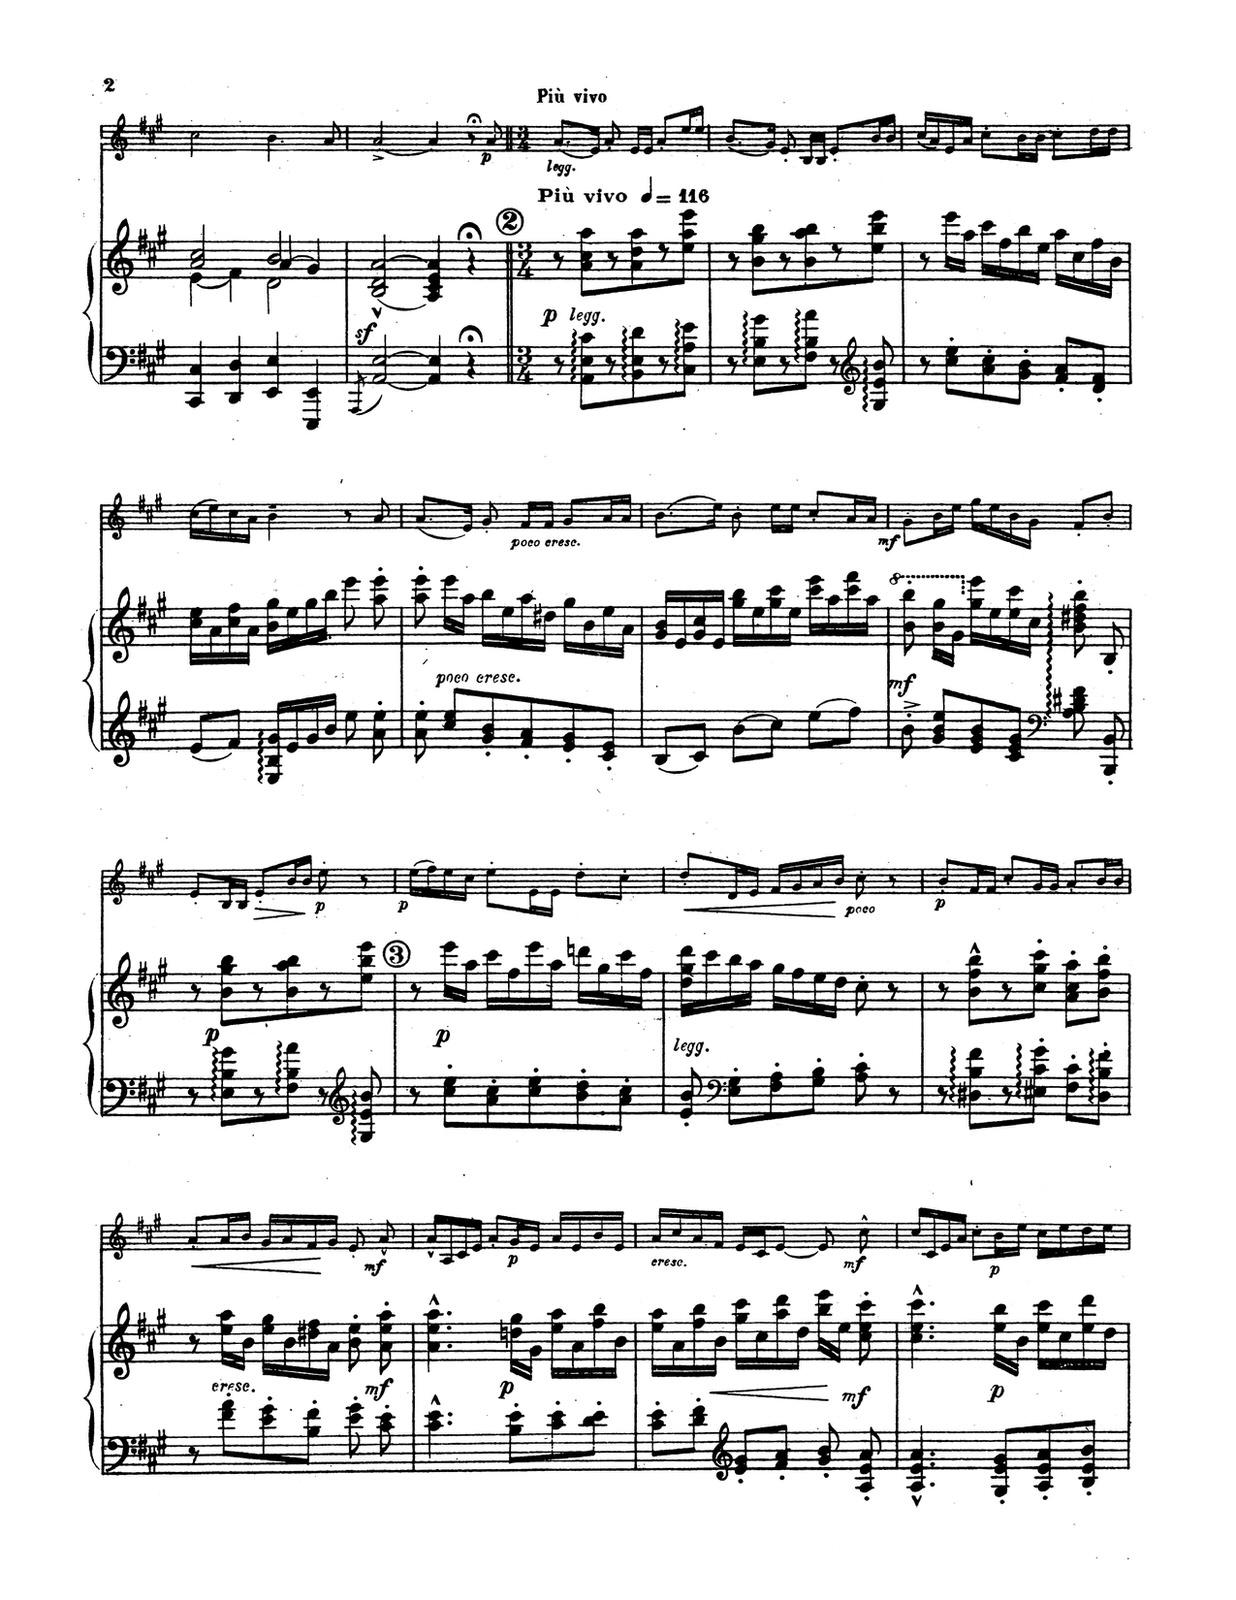 brusser-adeste-fideles-variations-3